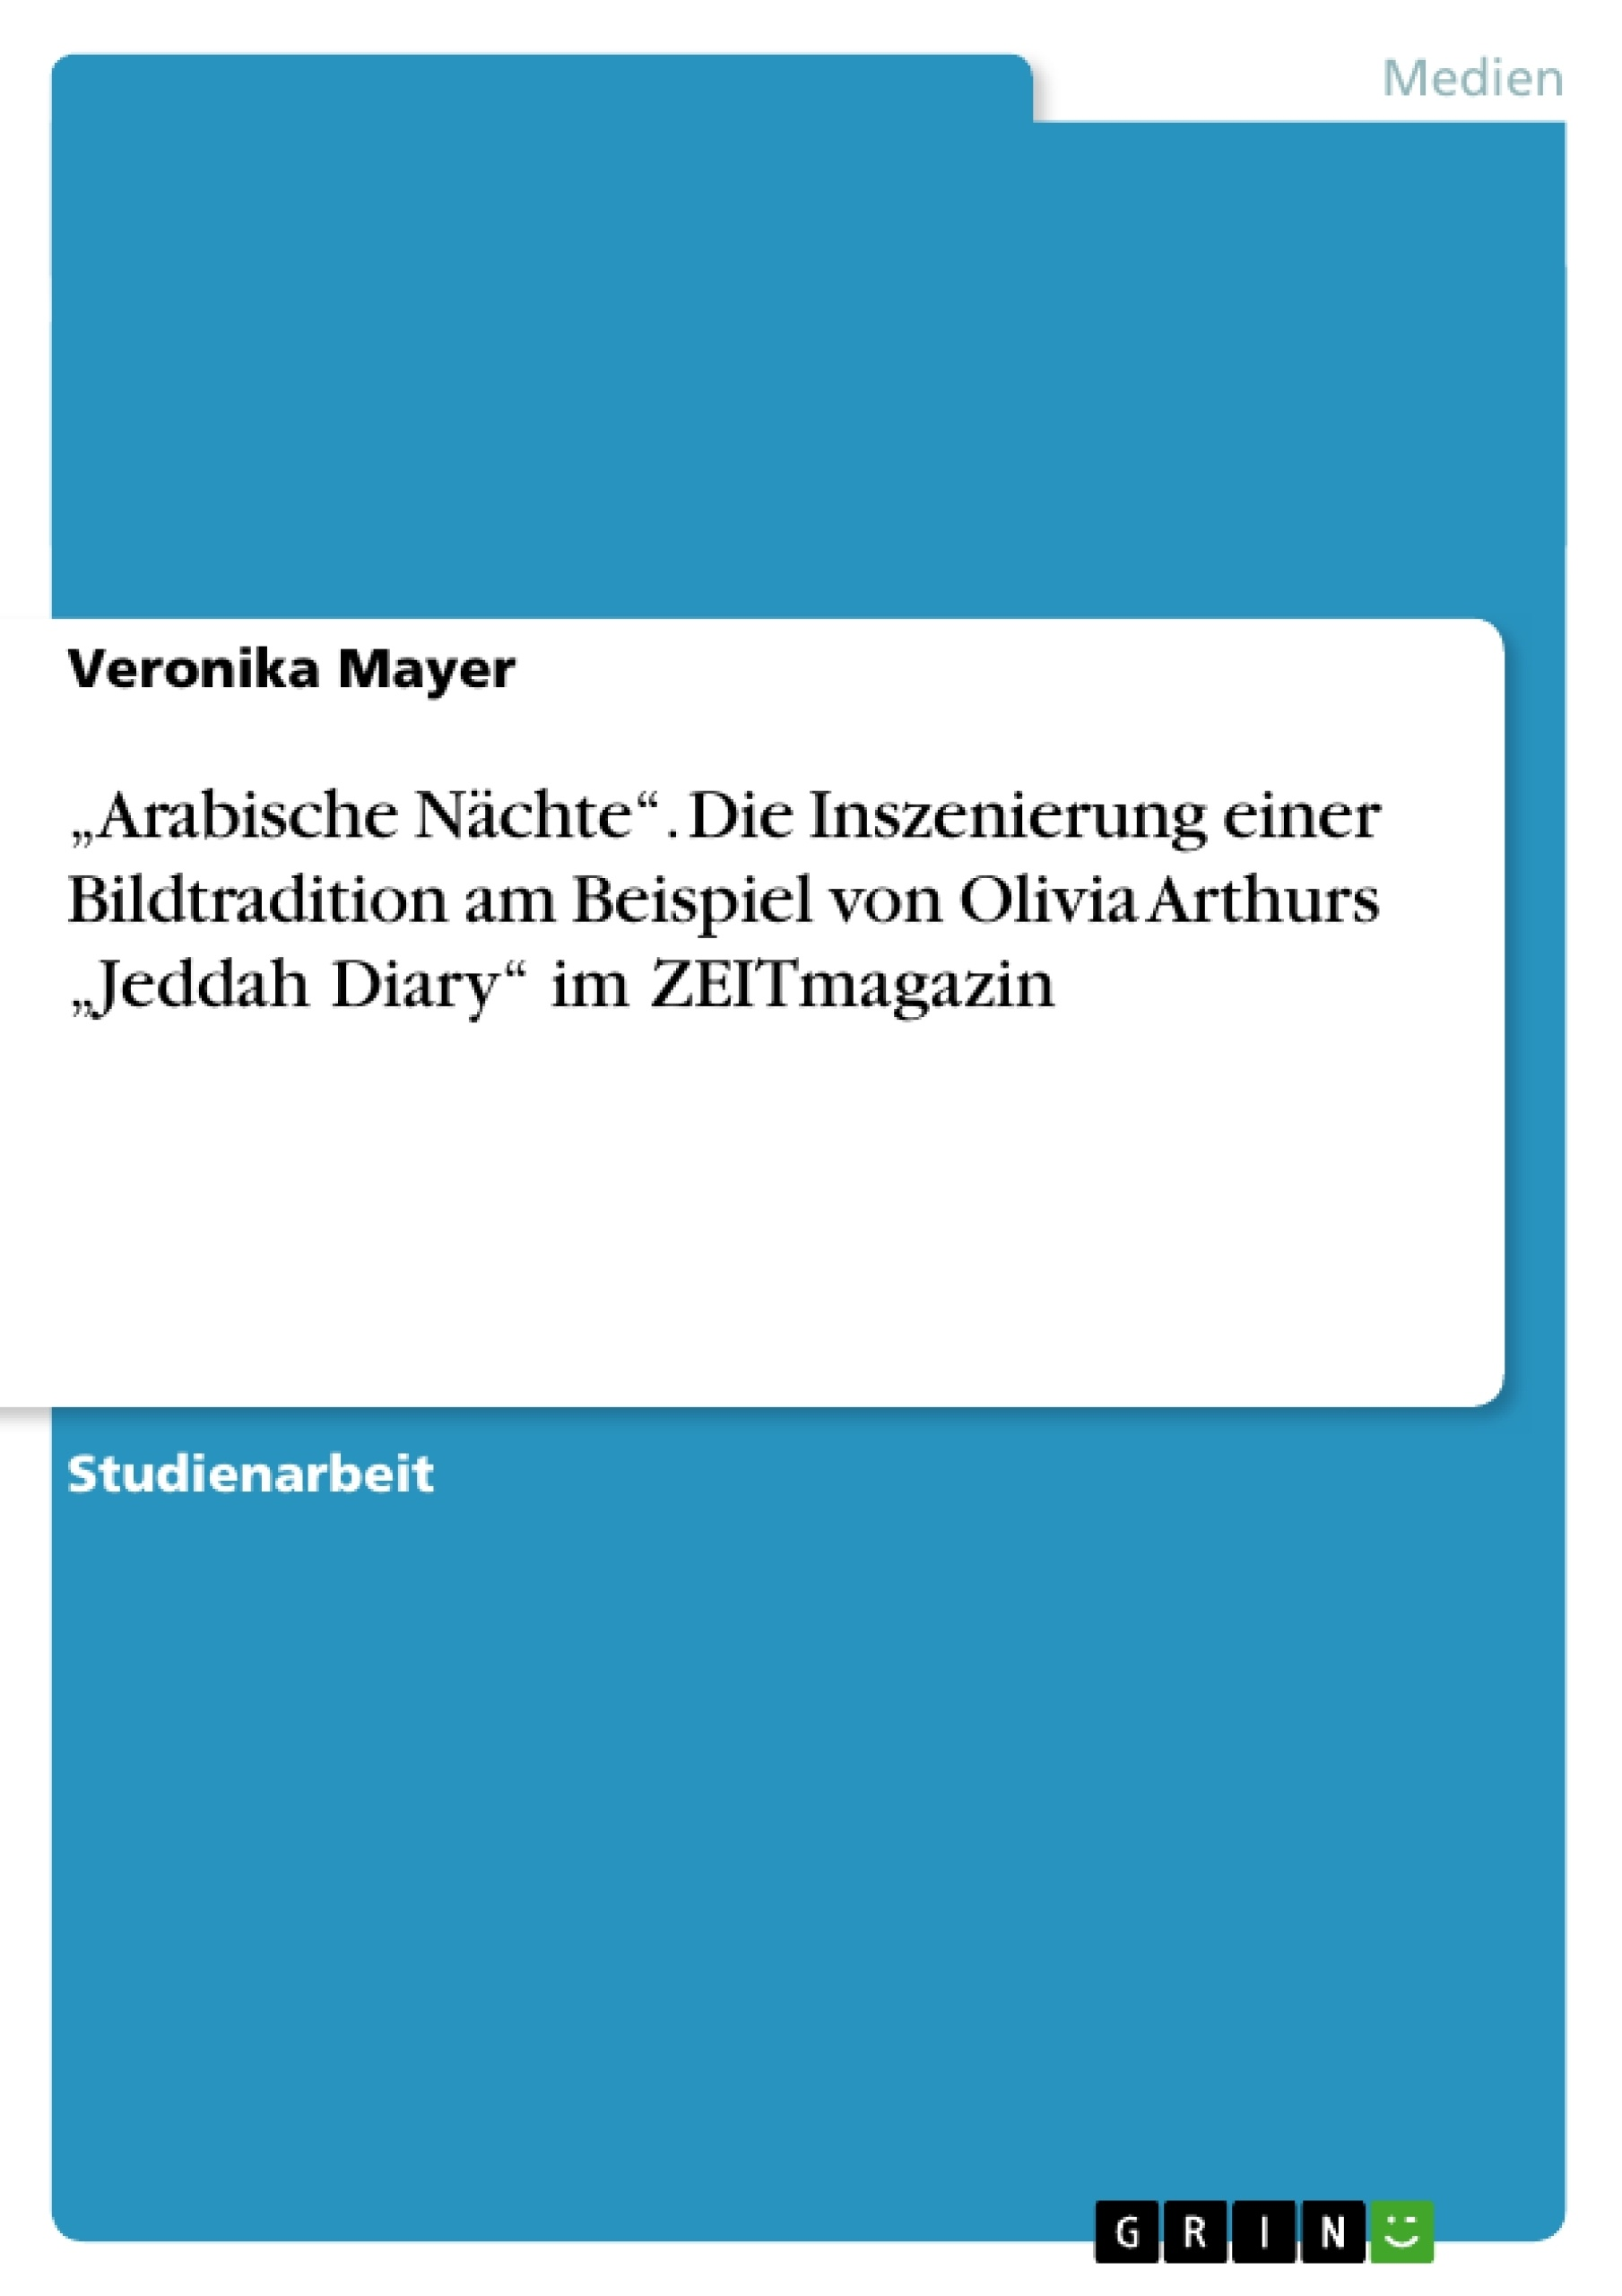 """Titel: """"Arabische Nächte"""". Die Inszenierung einer Bildtradition am Beispiel von Olivia Arthurs """"Jeddah Diary"""" im ZEITmagazin"""